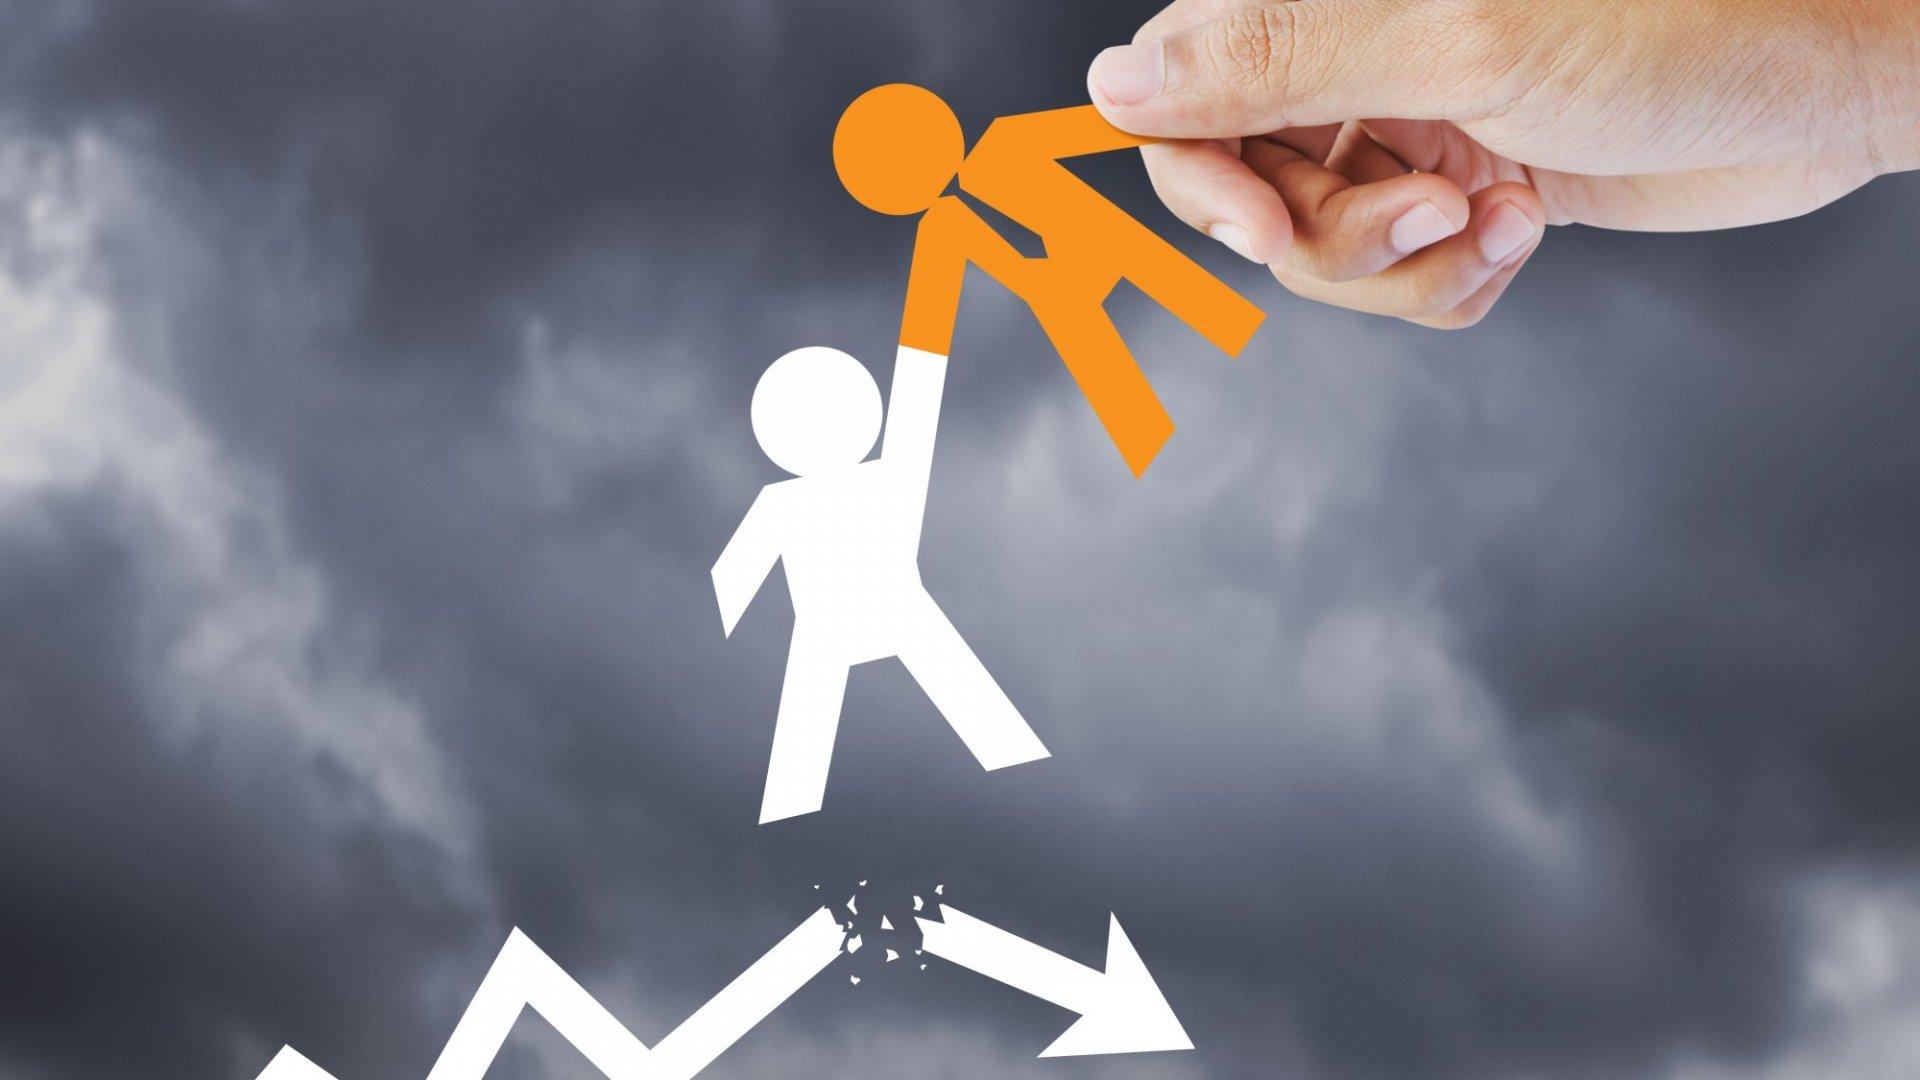 استراتژیهای مدیریت بحران و مداخلههای روانشناختی/مجید زارعی